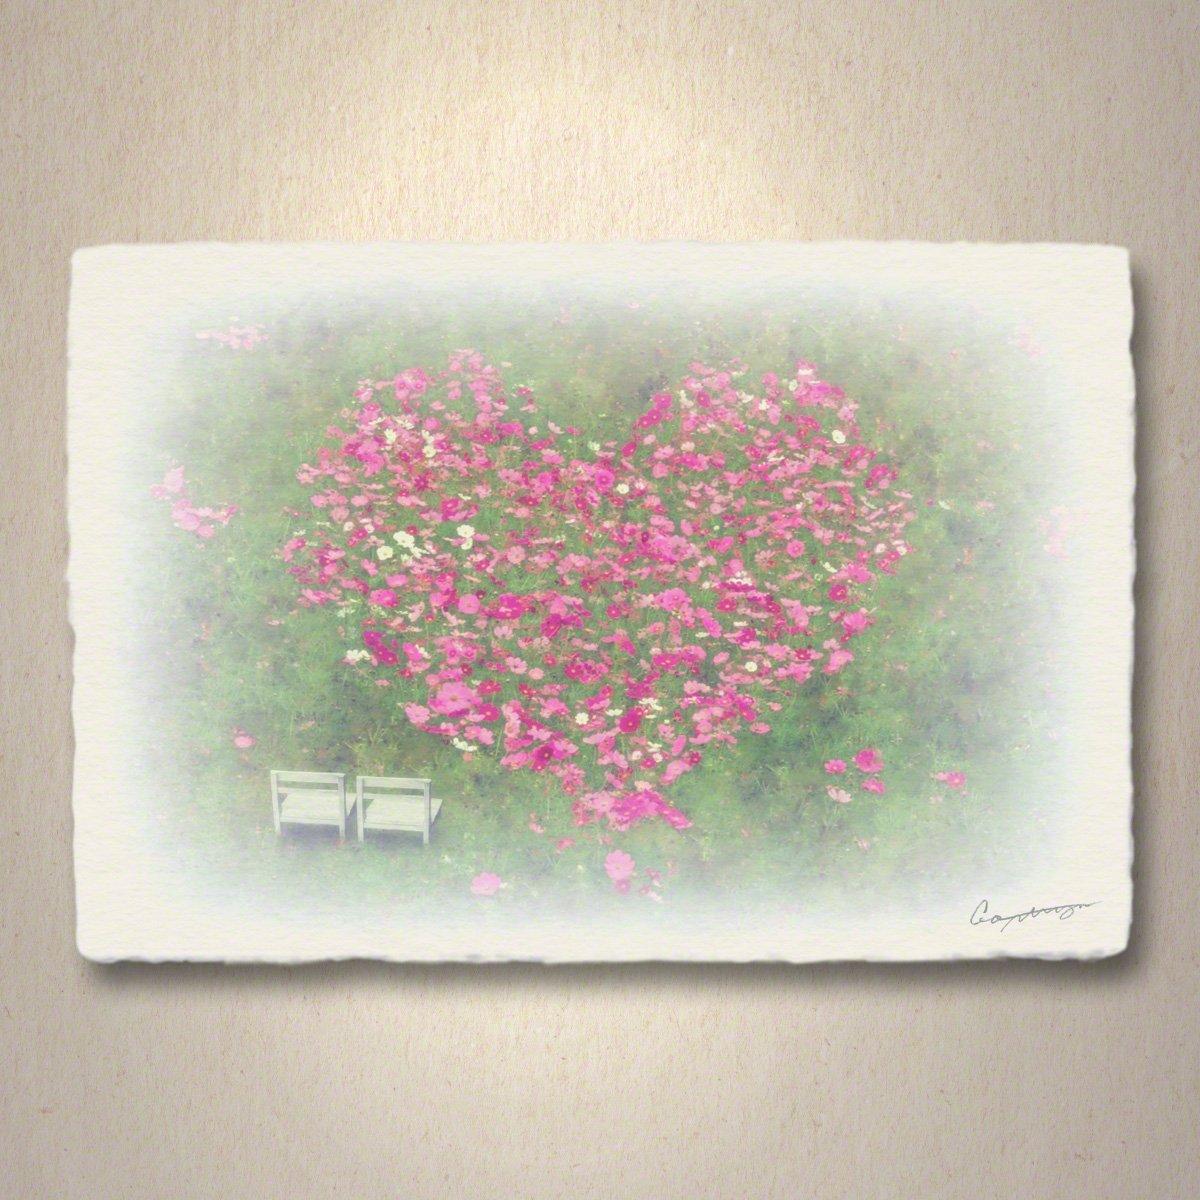 和紙 アートパネル 「ハートのコスモスの花畑と白い椅子」 (36x24cm) 結婚祝い プレゼント 絵 絵画 壁掛け 壁飾り インテリア アート B076NSHH38 13.アートパネル(長辺36cm) 8800円|ハートのコスモスの花畑と白い椅子 ハートのコスモスの花畑と白い椅子 13.アートパネル(長辺36cm) 8800円